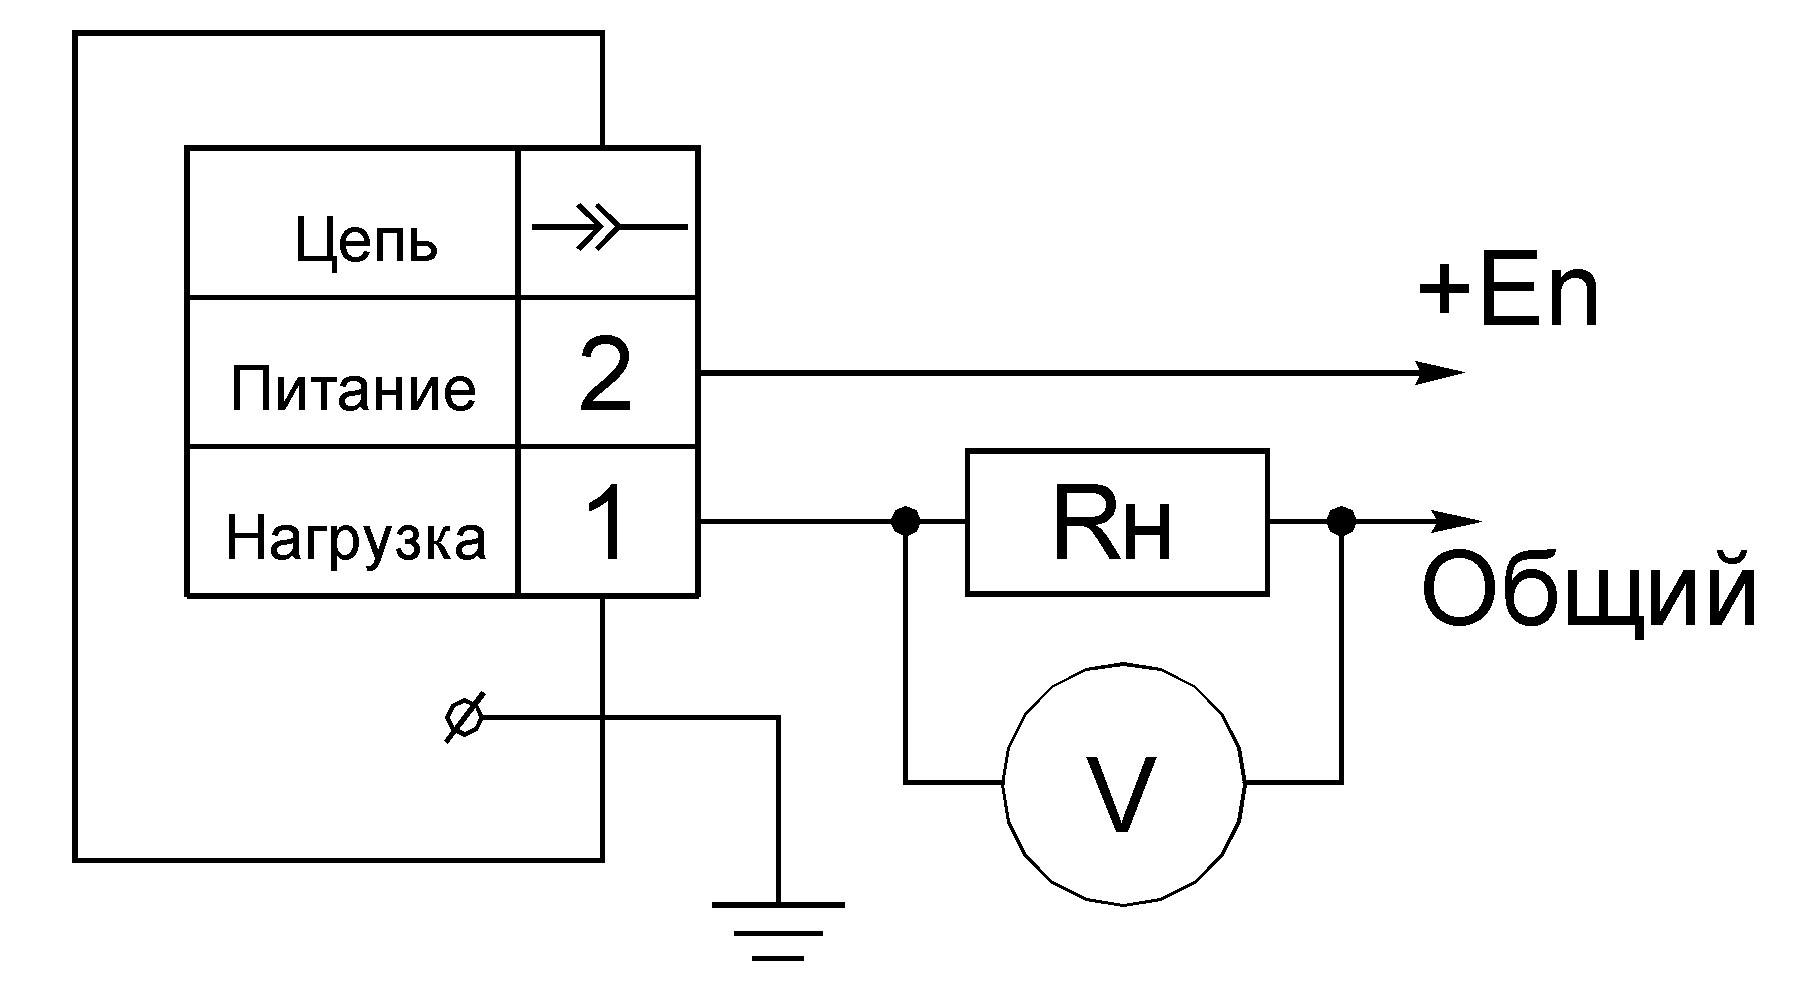 Аналоговый датчик давления схема подключения5